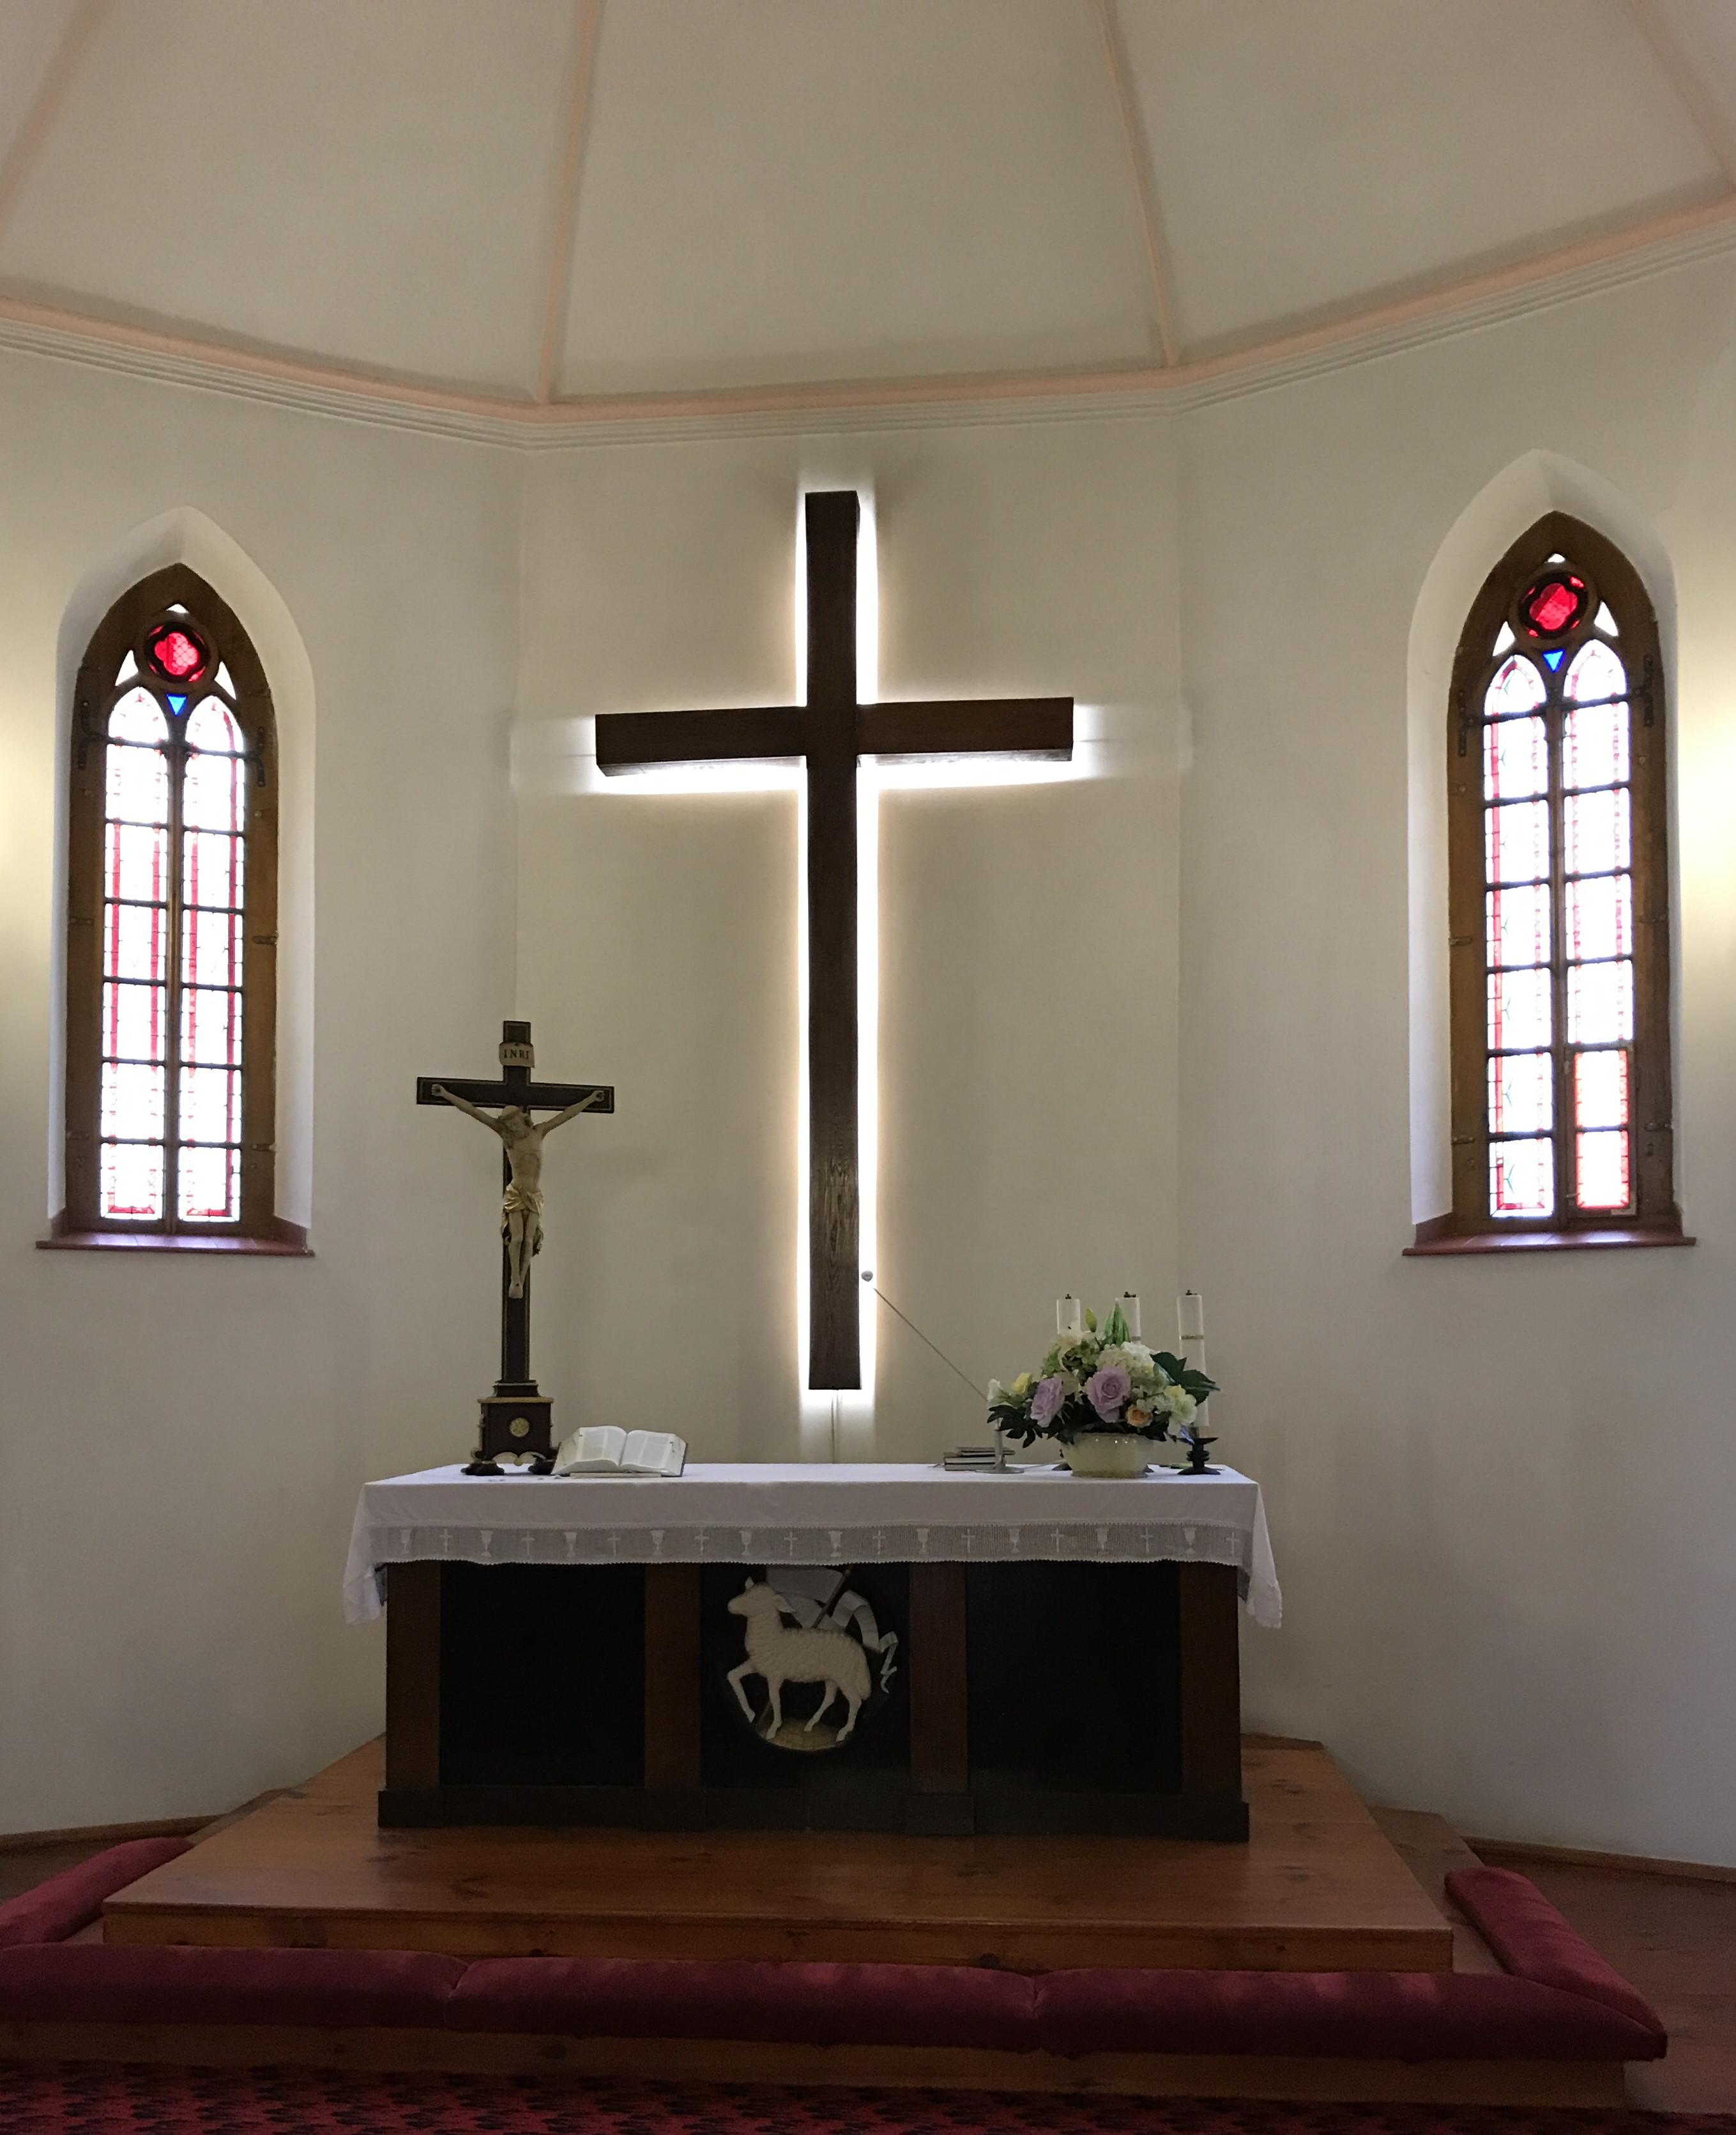 14. Kościół ŚwiętegoKrzyża wSłupsku.Obecna ekspozycja zabytku